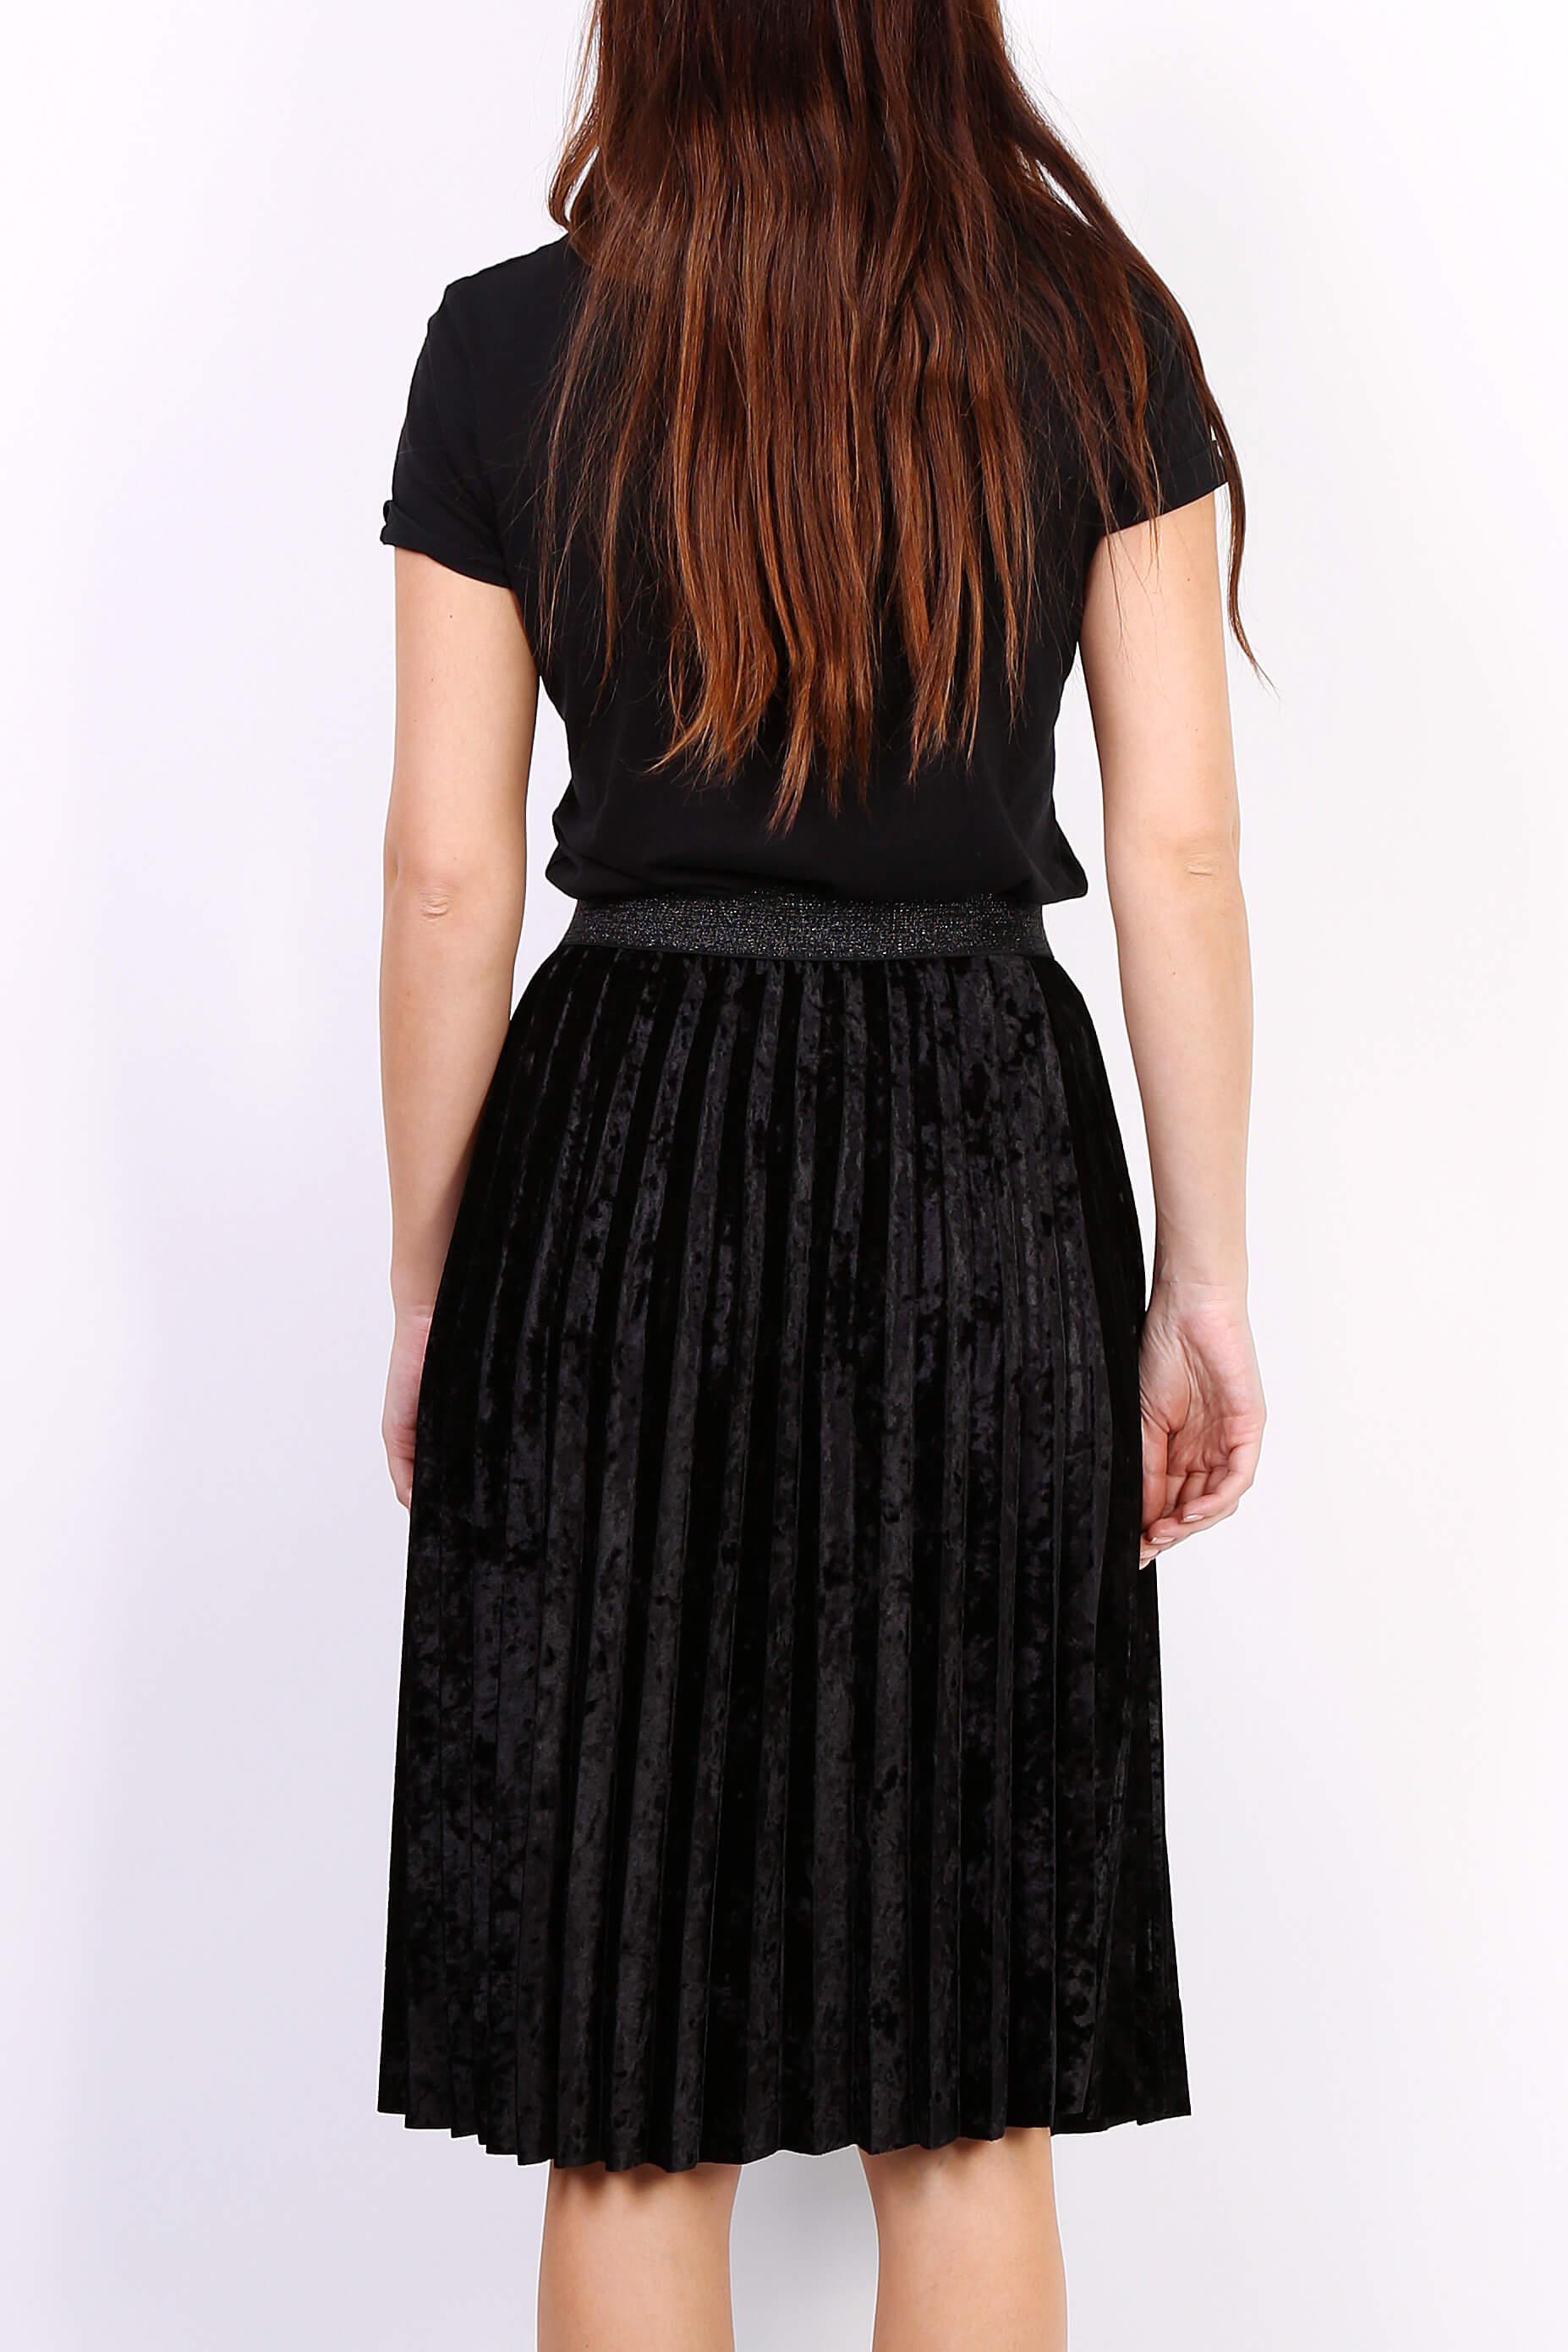 202ac0c7c0a1 Čierna plisovaná stredne dlhá sukňa - ROUZIT.SK